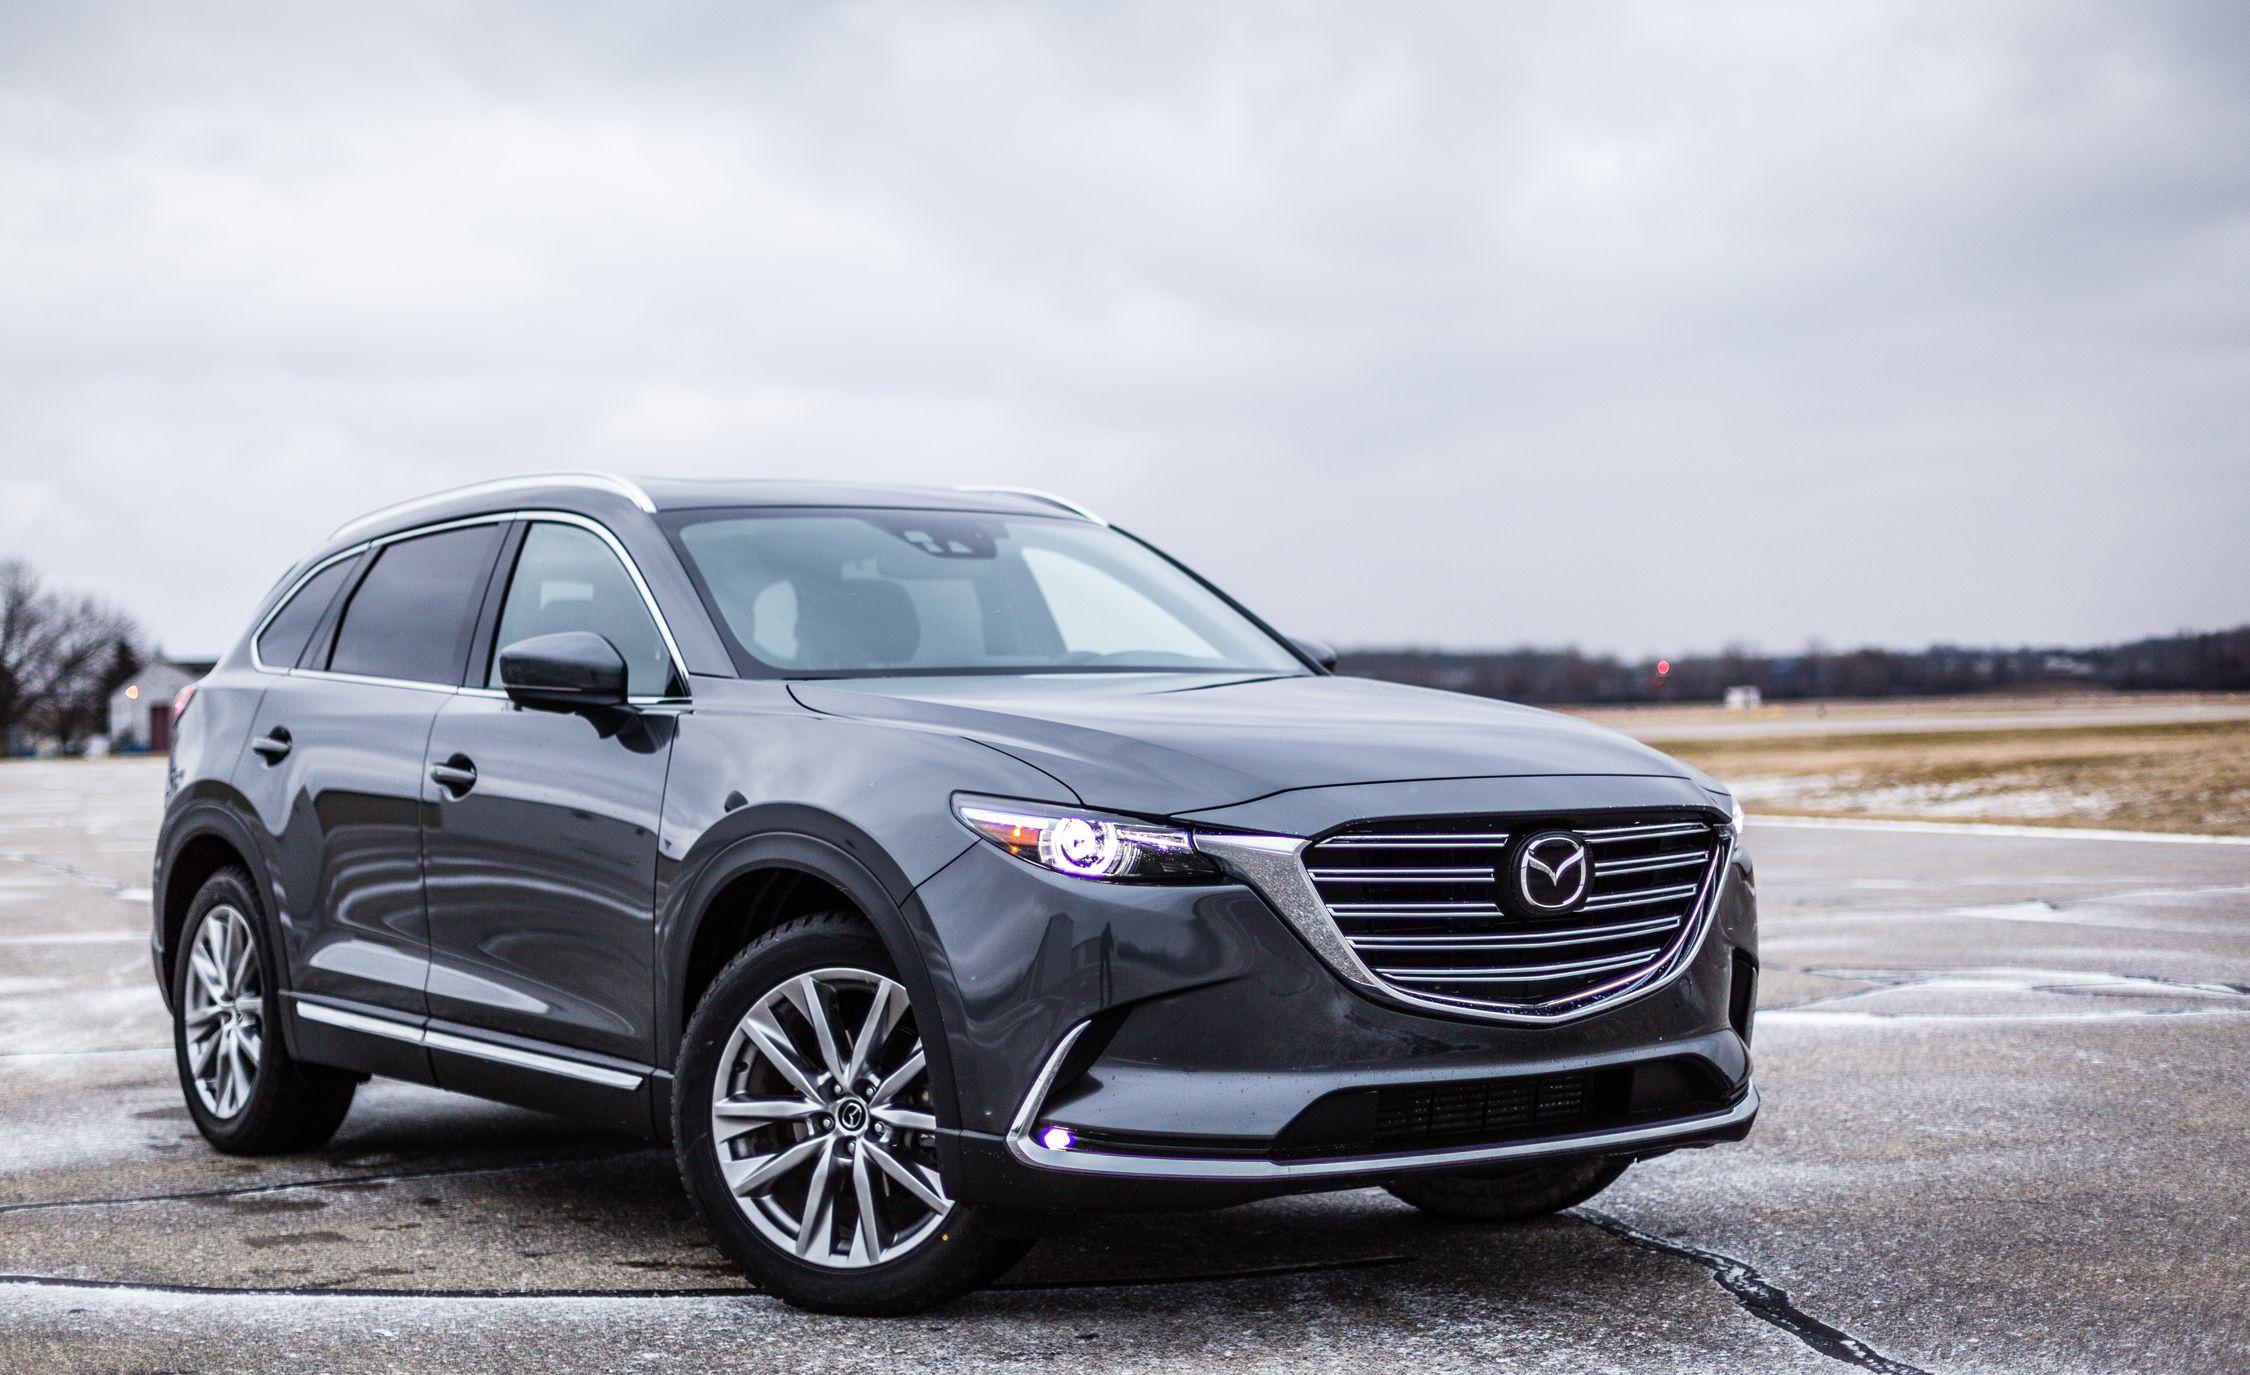 2018 Mazda CX-9 Compared